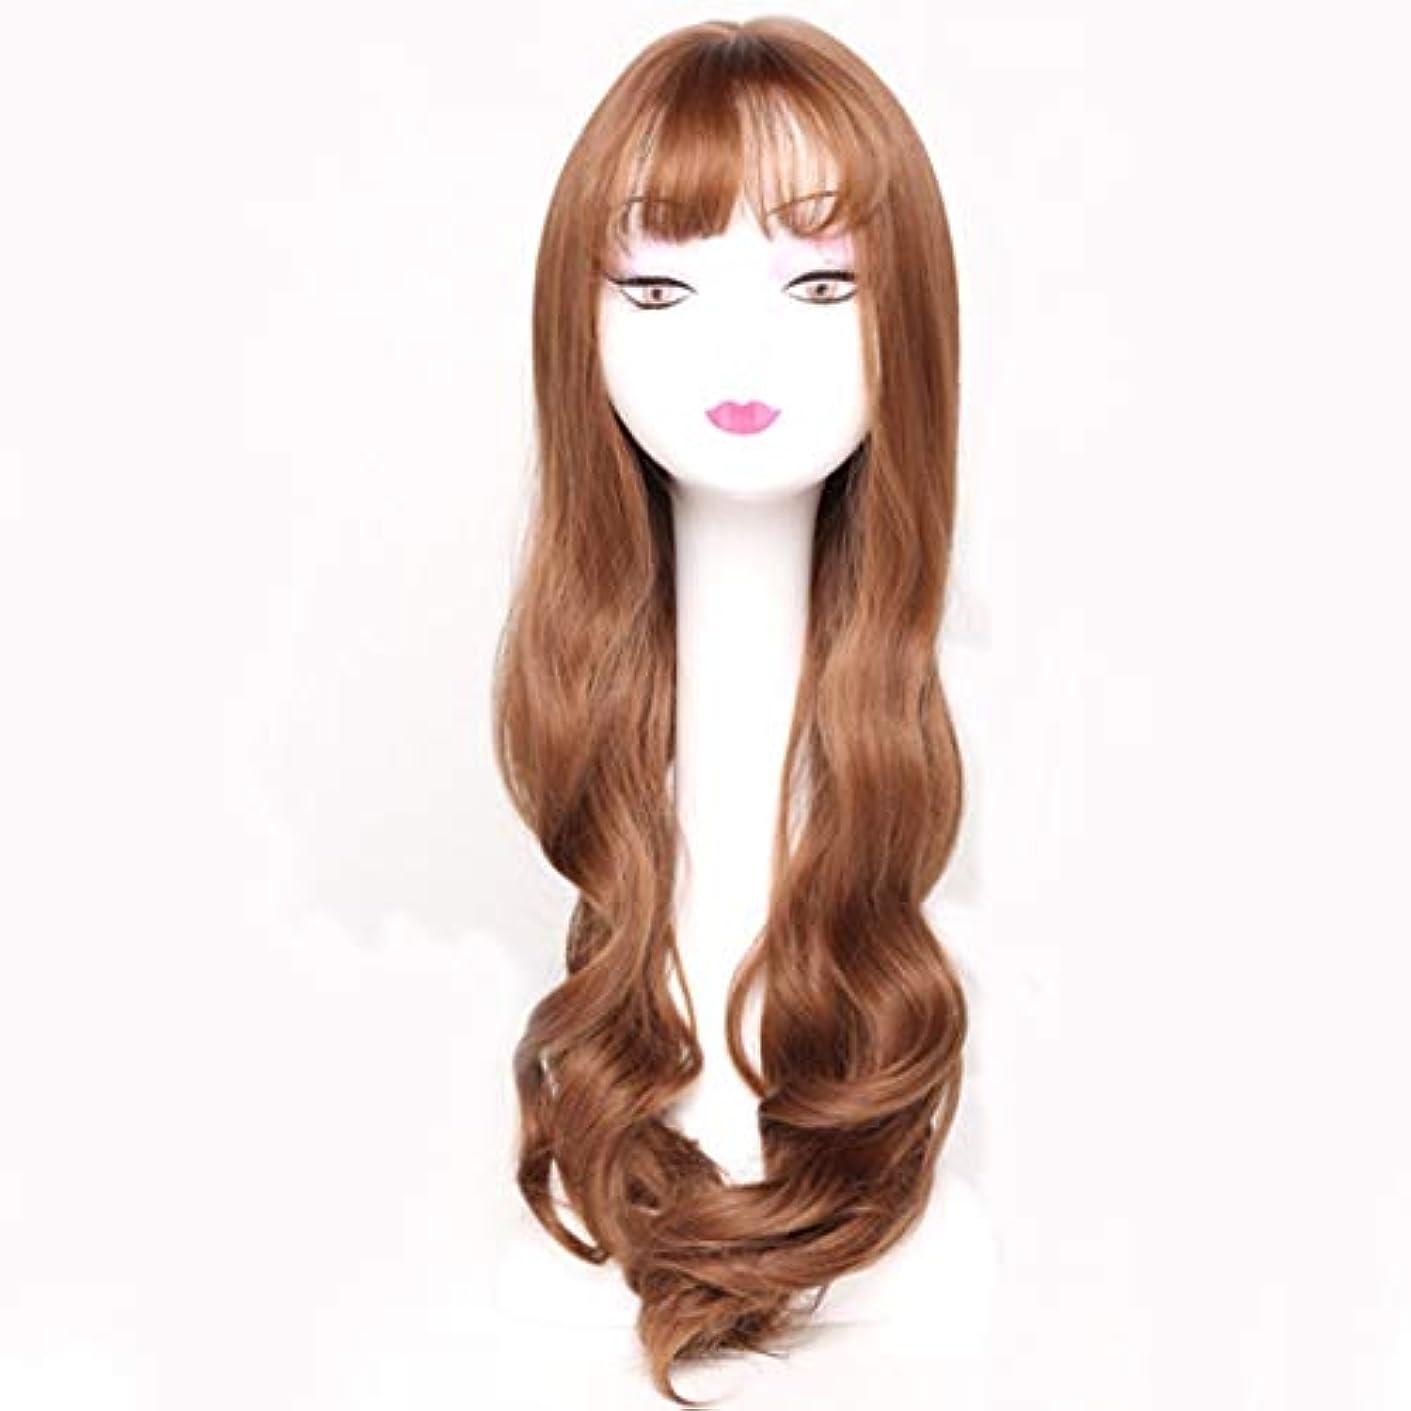 害古くなったディレイSummerys レディースウィッグカーリー合成かつら前髪合成耐熱女性ヘアスタイルカスタムコスプレパーティーウィッグ